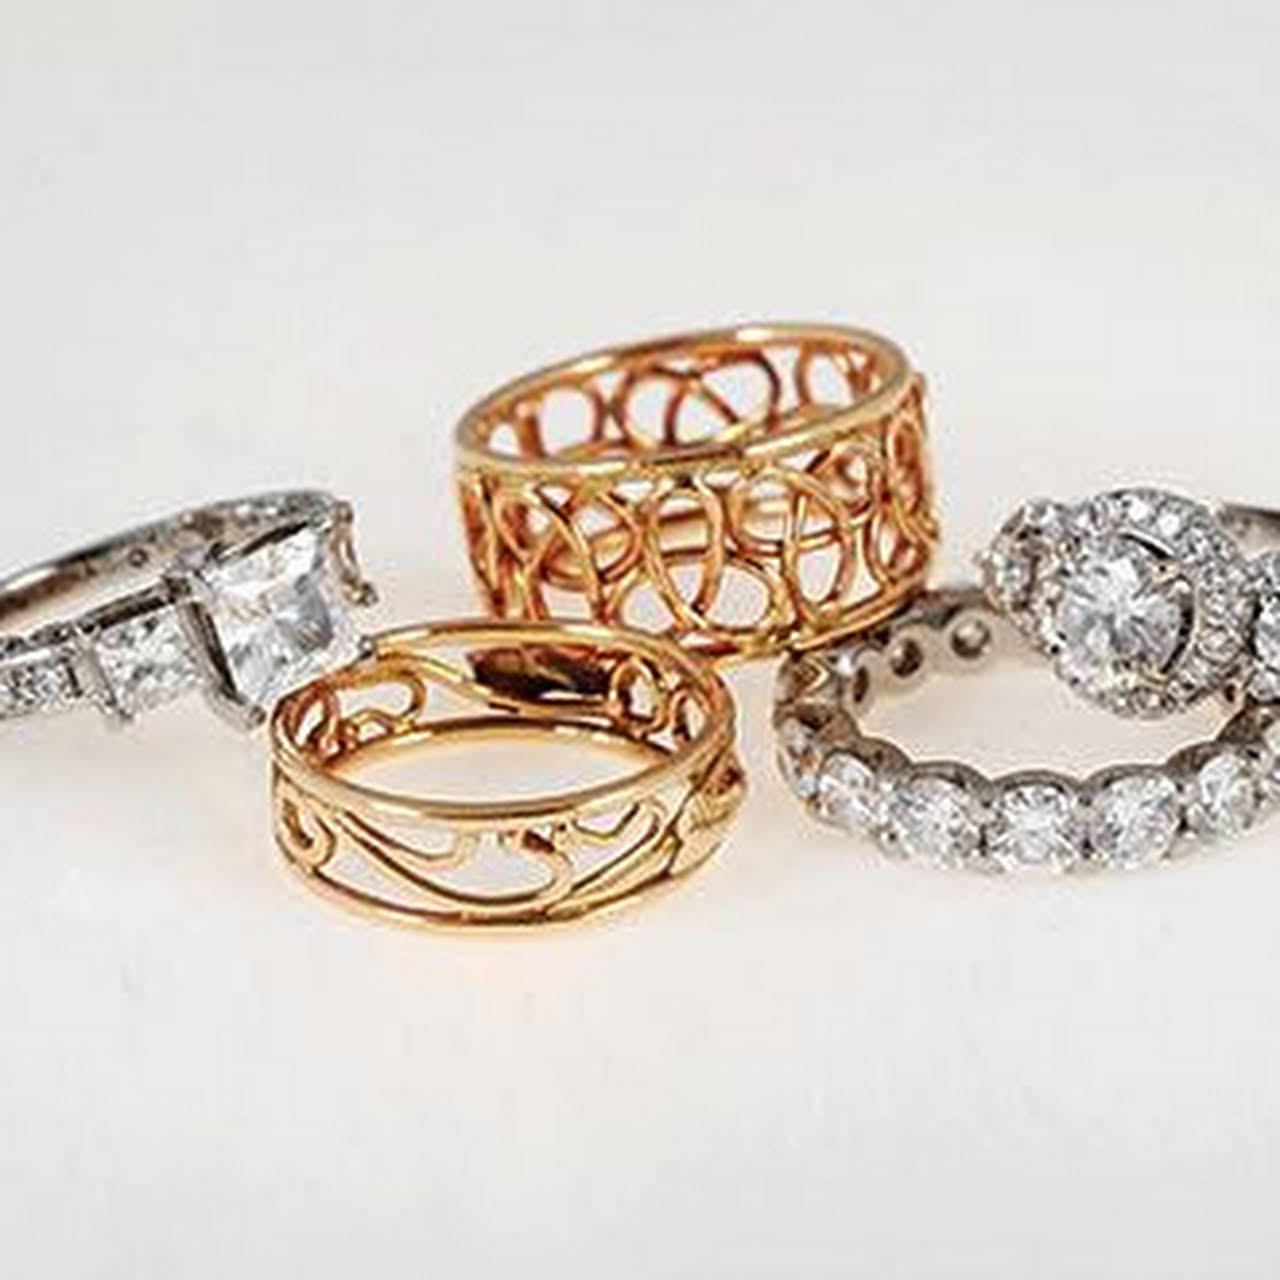 jewelry repair richmond va